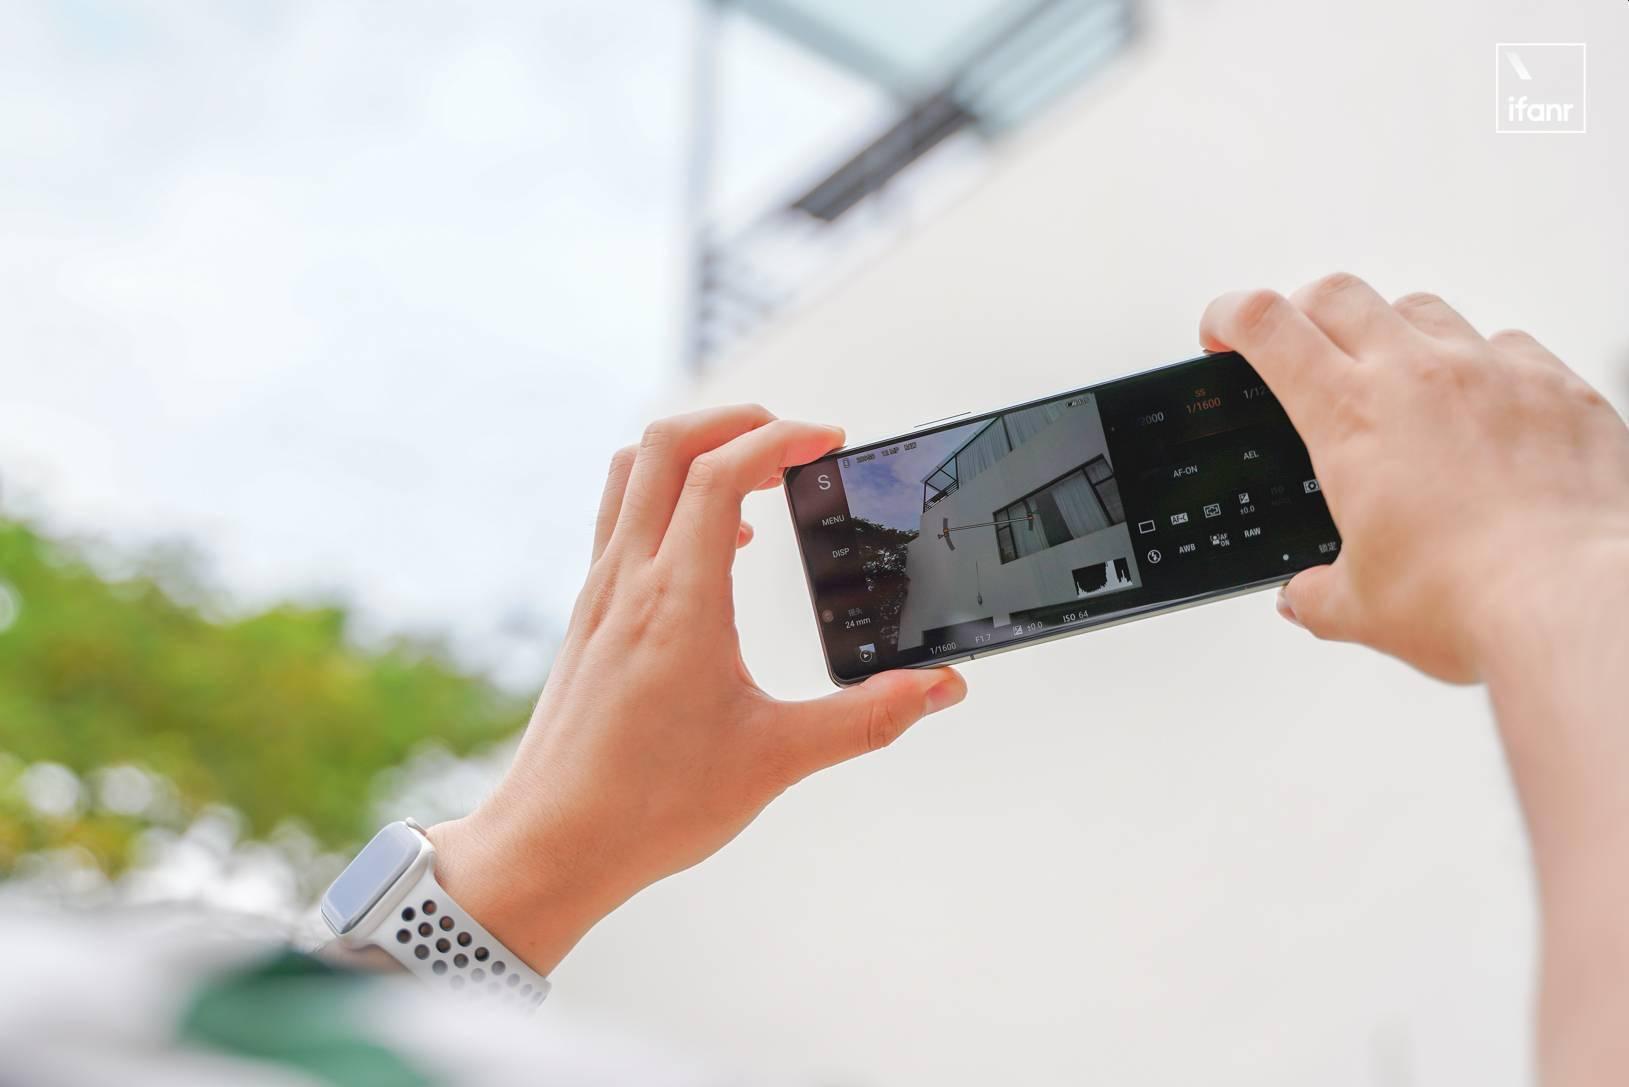 为什么拍照出色的安卓手机,大多数都有同一颗芯?